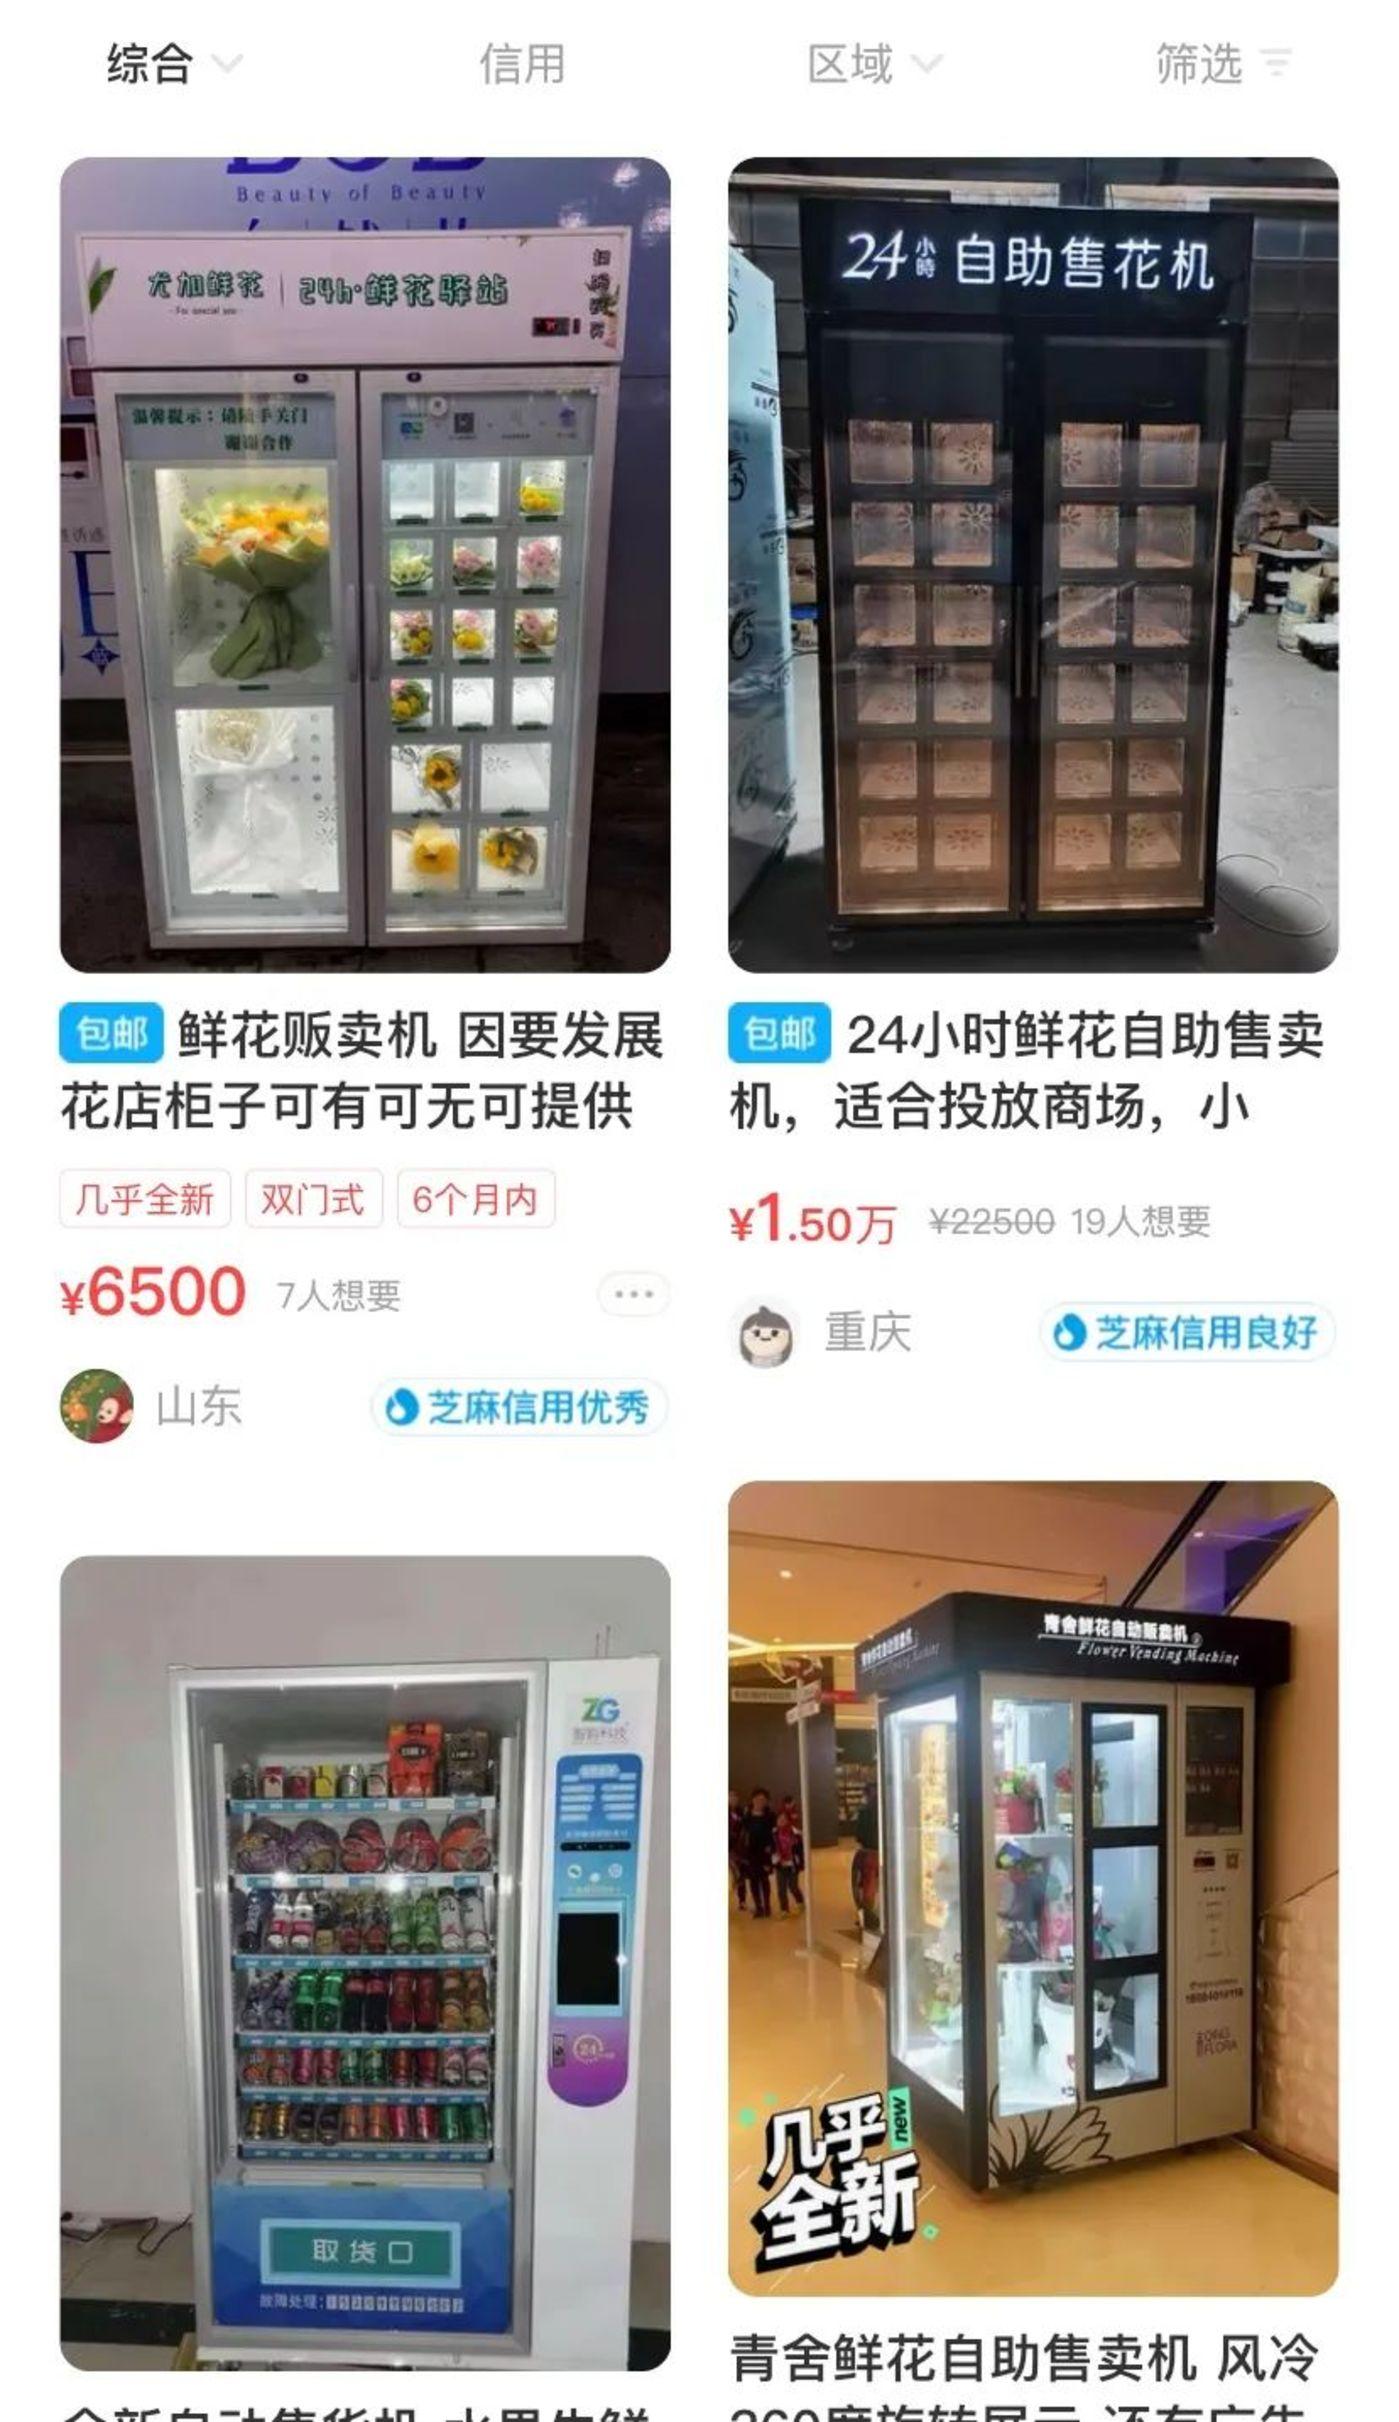 二手平台上的鲜花自动贩卖机